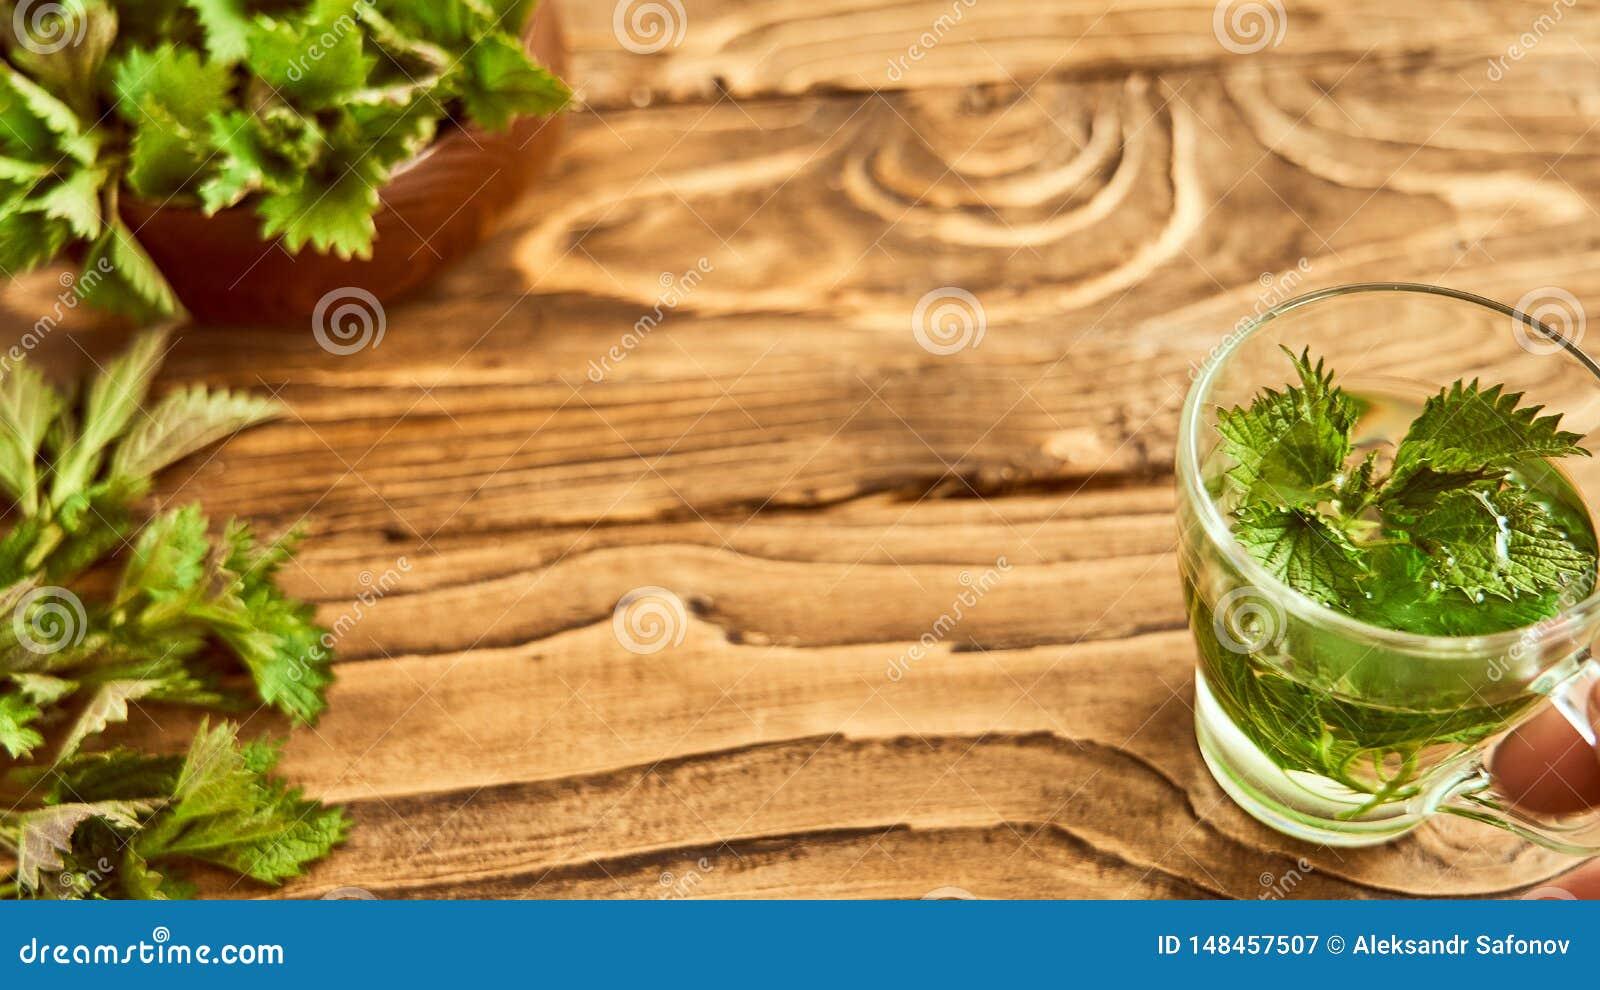 På en träbakgrund är ett exponeringsglas med bryggade unga nässlor medicinsk buljong av nässlan